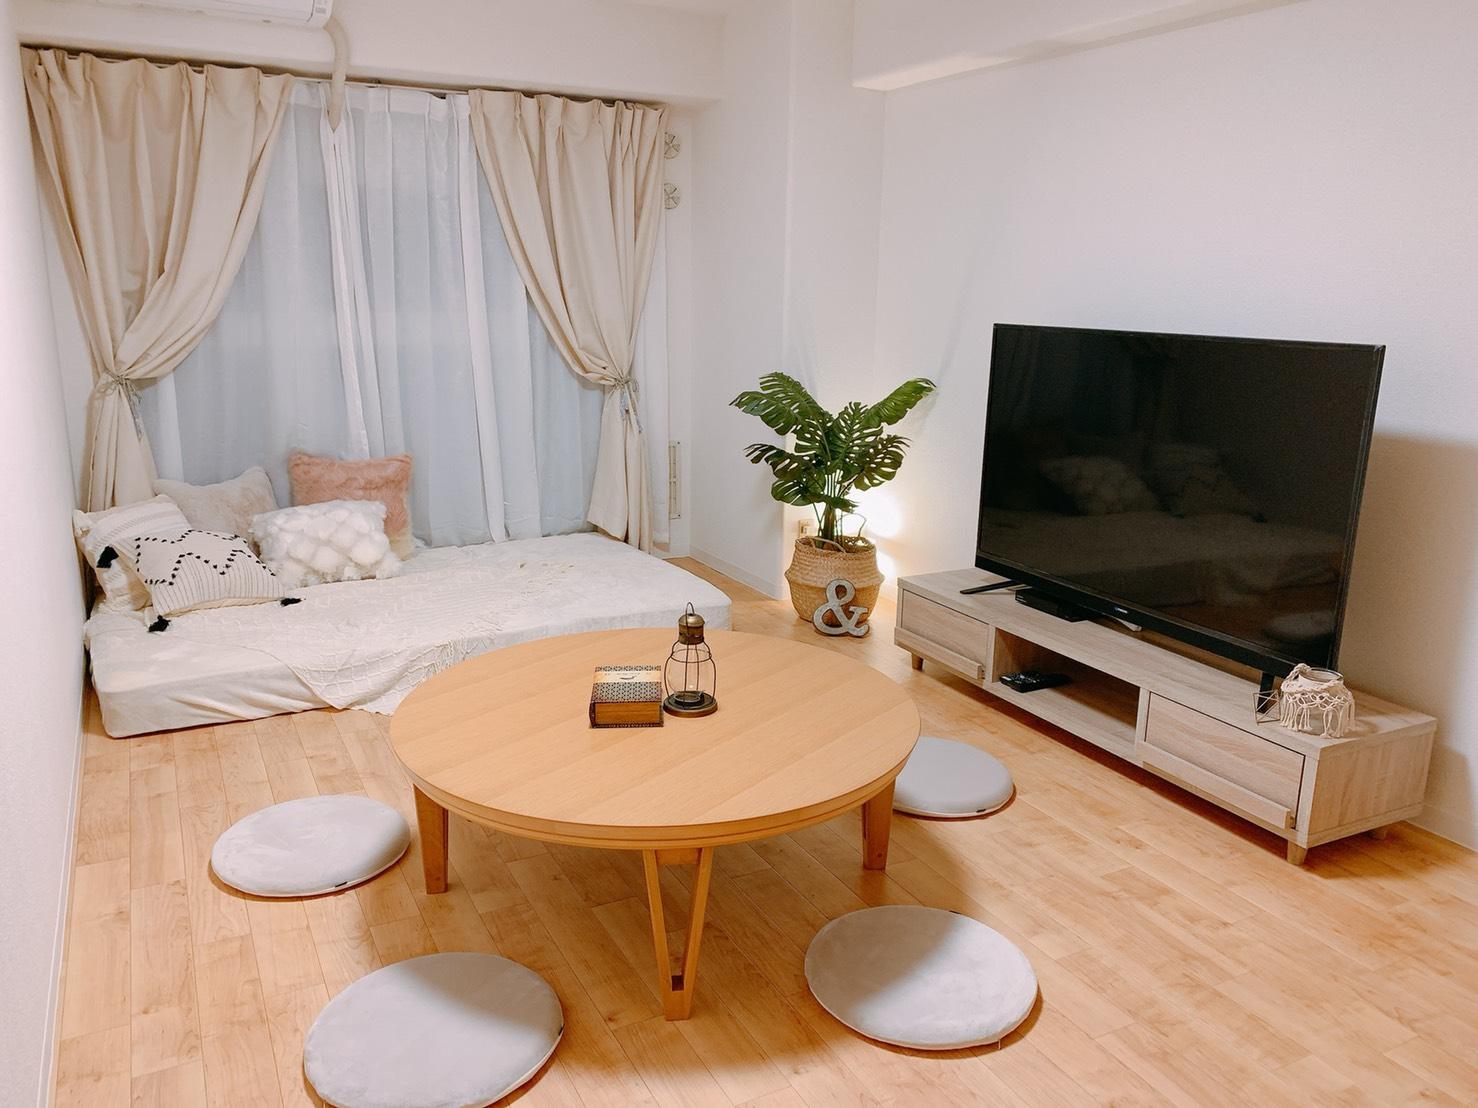 池袋リラックス会議室 Unikko池袋(ウニッコ)の室内の写真